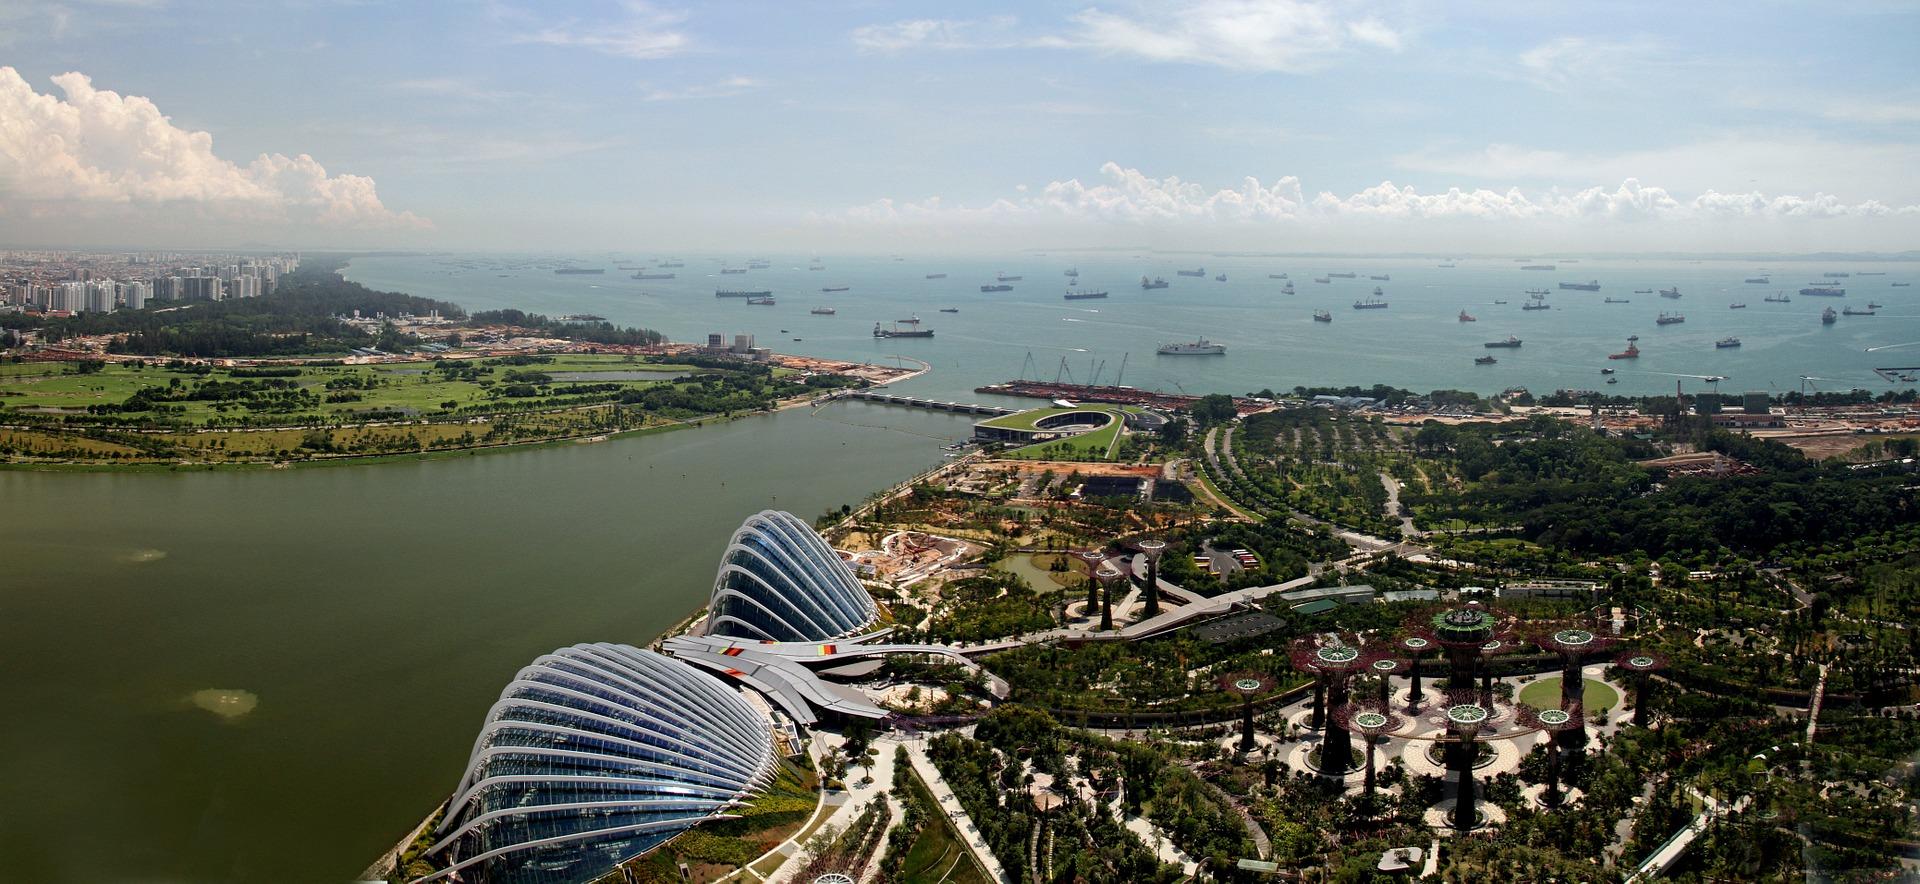 ciudad jardin en singapur construccion